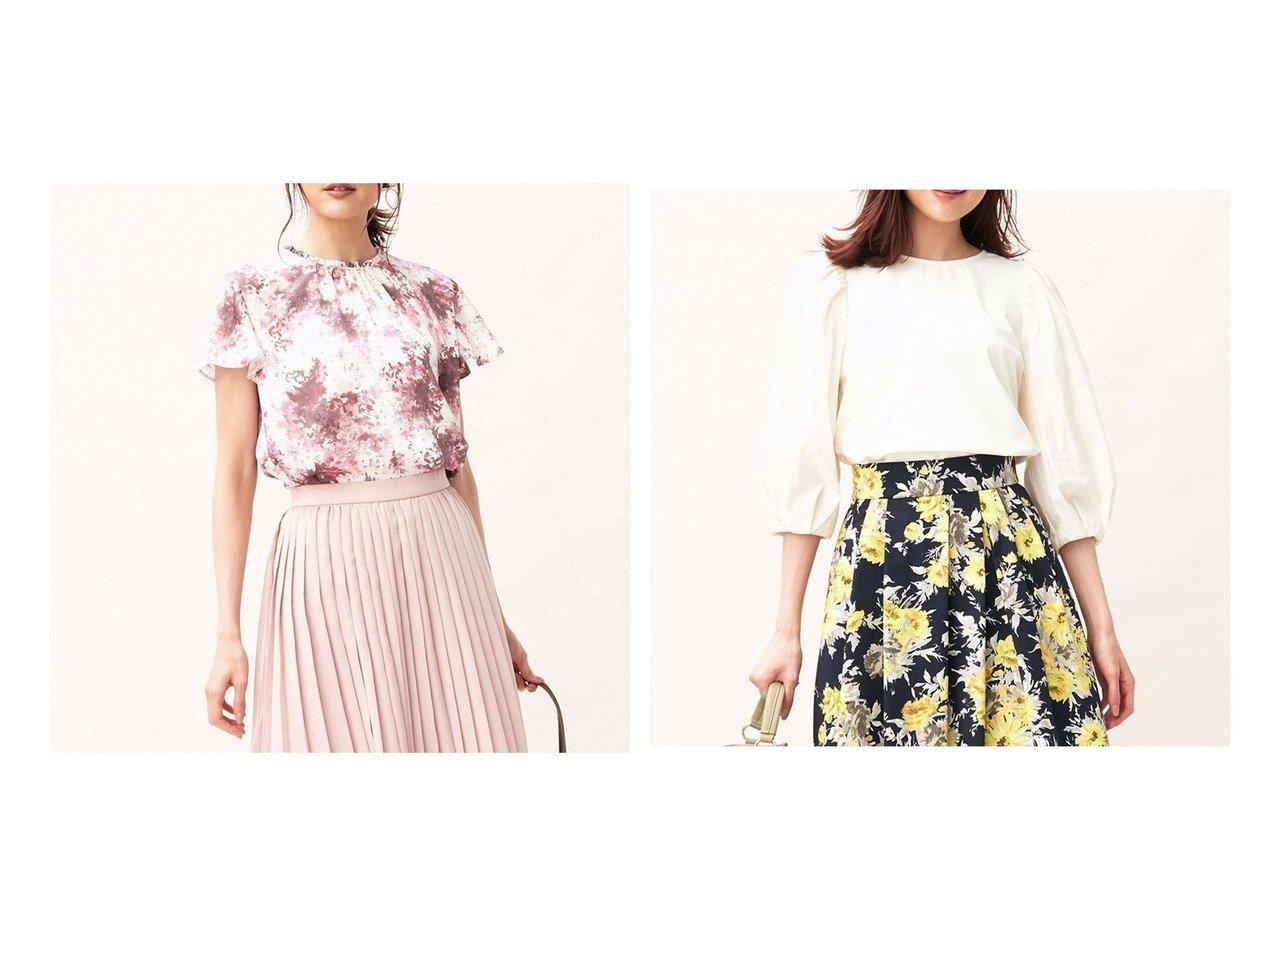 【KUMIKYOKU/組曲】のグラデーションフラワー2WAY ブラウス&ボリュームスリーブドッキングプルオーバー 【トップス・カットソー】おすすめ!人気、トレンド・レディースファッションの通販 おすすめで人気の流行・トレンド、ファッションの通販商品 インテリア・家具・メンズファッション・キッズファッション・レディースファッション・服の通販 founy(ファニー) https://founy.com/ ファッション Fashion レディースファッション WOMEN トップス・カットソー Tops/Tshirt シャツ/ブラウス Shirts/Blouses ロング / Tシャツ T-Shirts プルオーバー Pullover カットソー Cut and Sewn ボリュームスリーブ / フリル袖 Volume Sleeve 送料無料 Free Shipping 2021年 2021 2021-2022秋冬・A/W AW・Autumn/Winter・FW・Fall-Winter・2021-2022 A/W・秋冬 AW・Autumn/Winter・FW・Fall-Winter ギャザー グラデーション セットアップ ドレス ドレープ フラワー ペプラム リボン カットソー シンプル ストレッチ ボトム おすすめ Recommend  ID:crp329100000060627